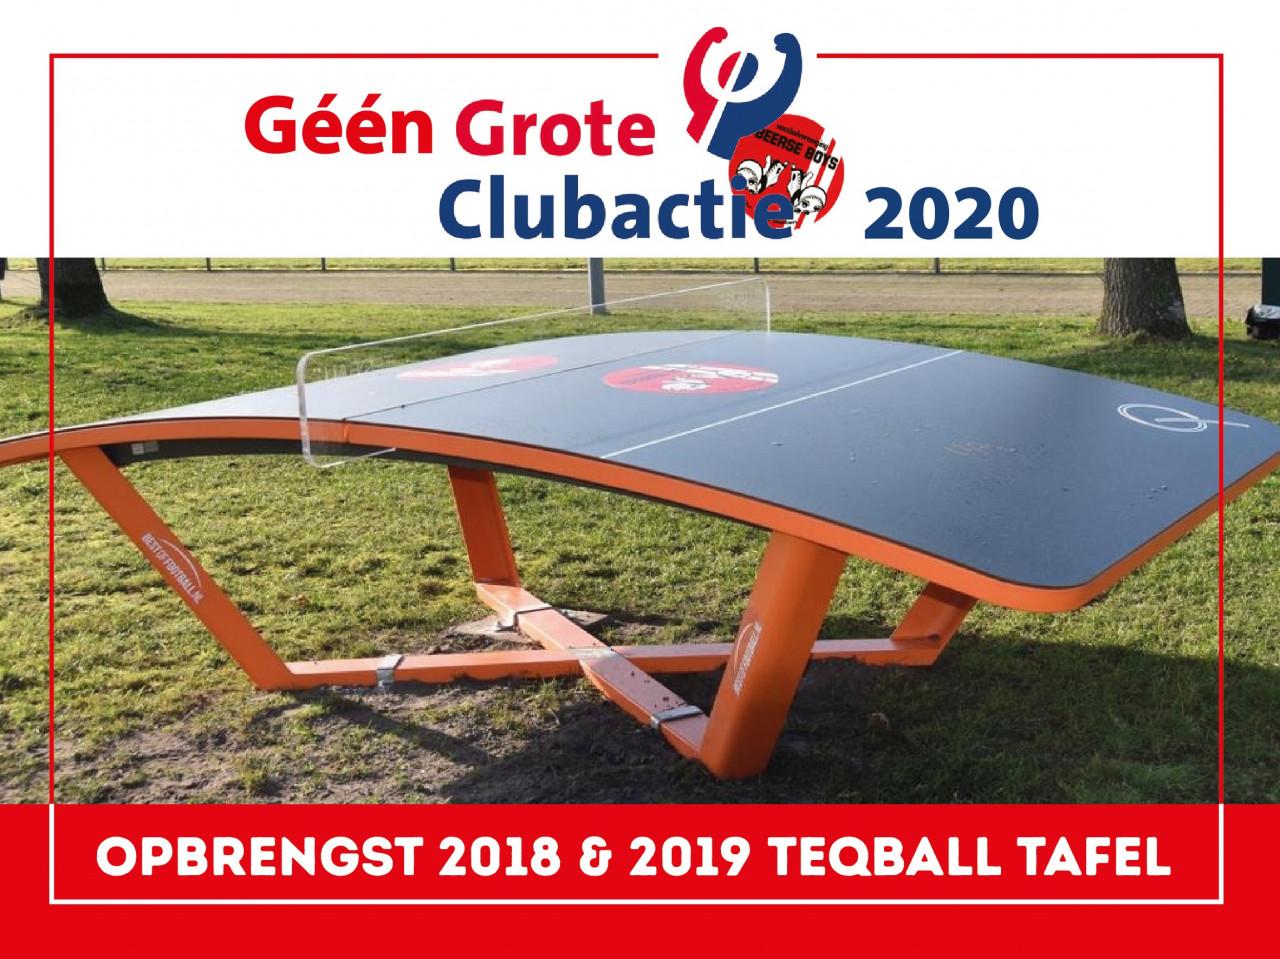 Flyer-geen-grote-clubactie-2020